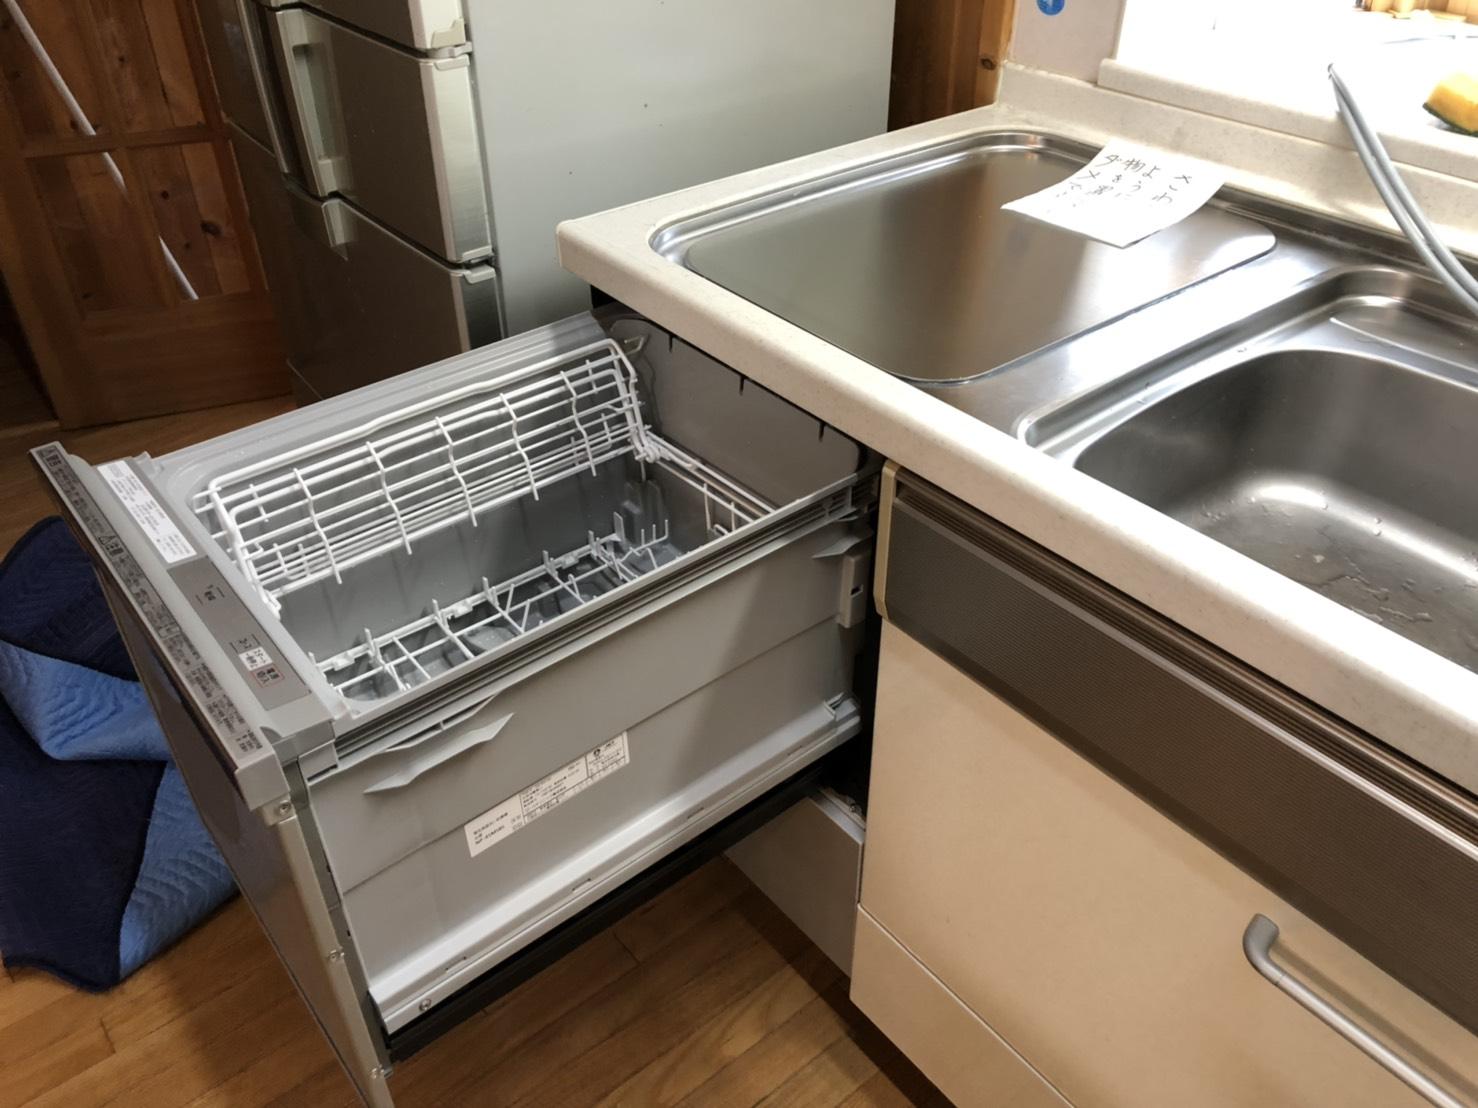 トップ買い換え 食洗機,トップオープン,取り付け,上開き,買い換え,交換,取り替え,リフォーム,ビルトイン,食洗機交換工事,取り付け,NP-45RS7SJGK,パナソニックク,LIXIL